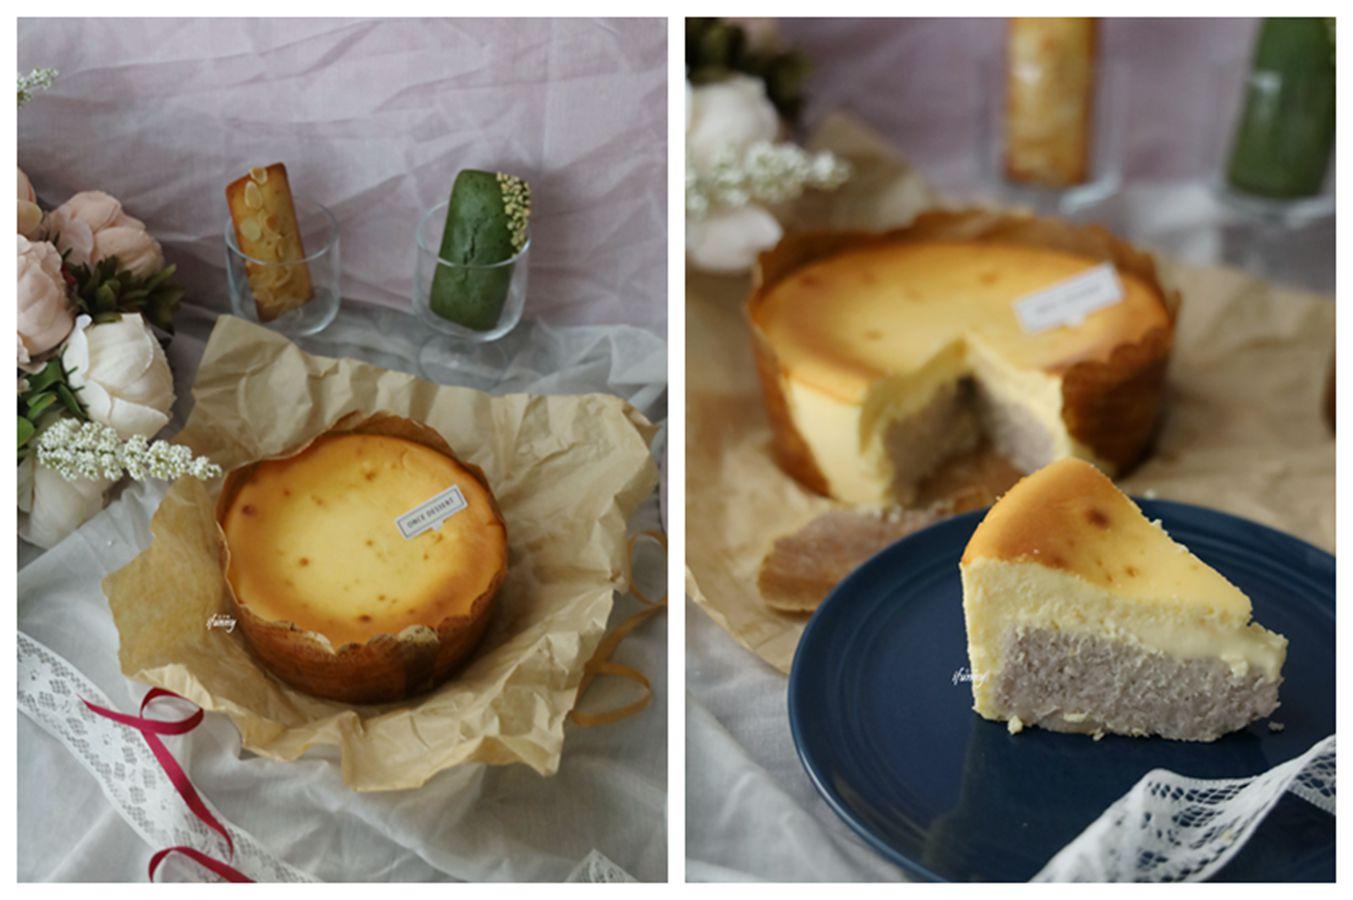 望思甜點 高雄仙氣甜點店最新力作  芋頭控不容錯過的大甲芋巴斯克乳酪蛋糕